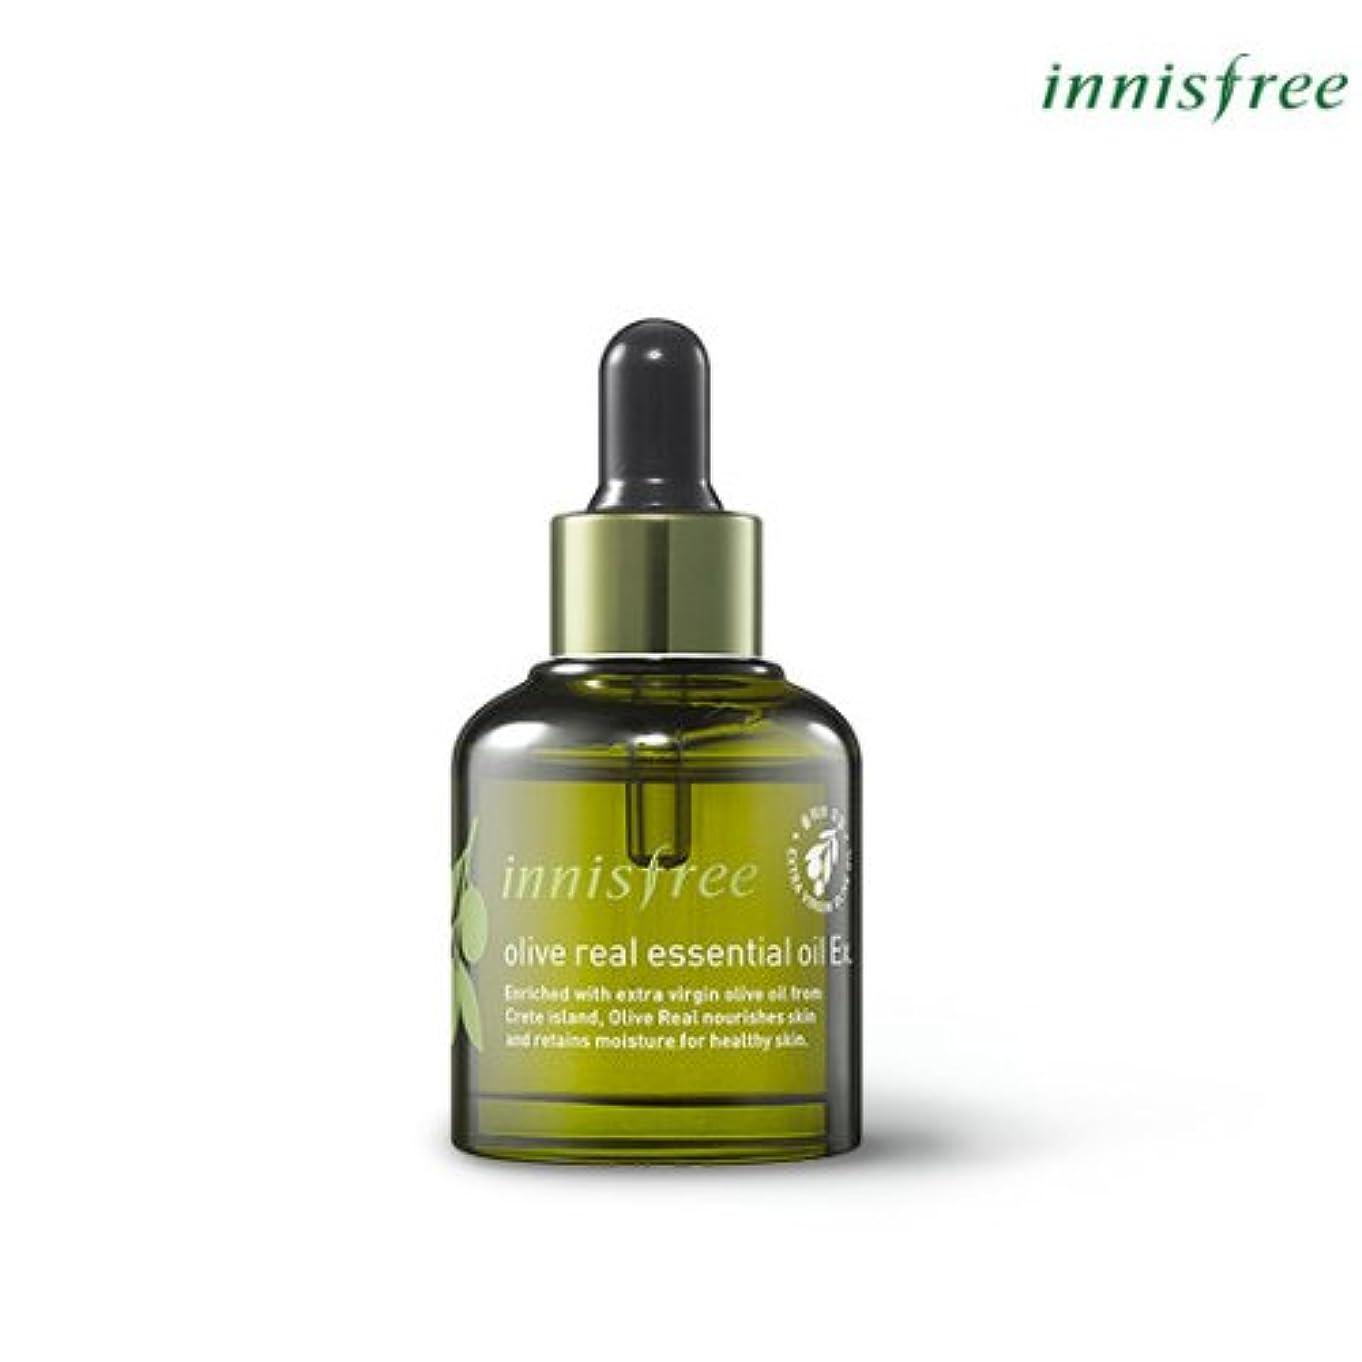 セマフォ兄弟愛値[INNISFREE]イニスフリーオリーブリアルエッセンシャルオイルEx.30ml olive real essential oil Ex.30ml [並行輸入品]